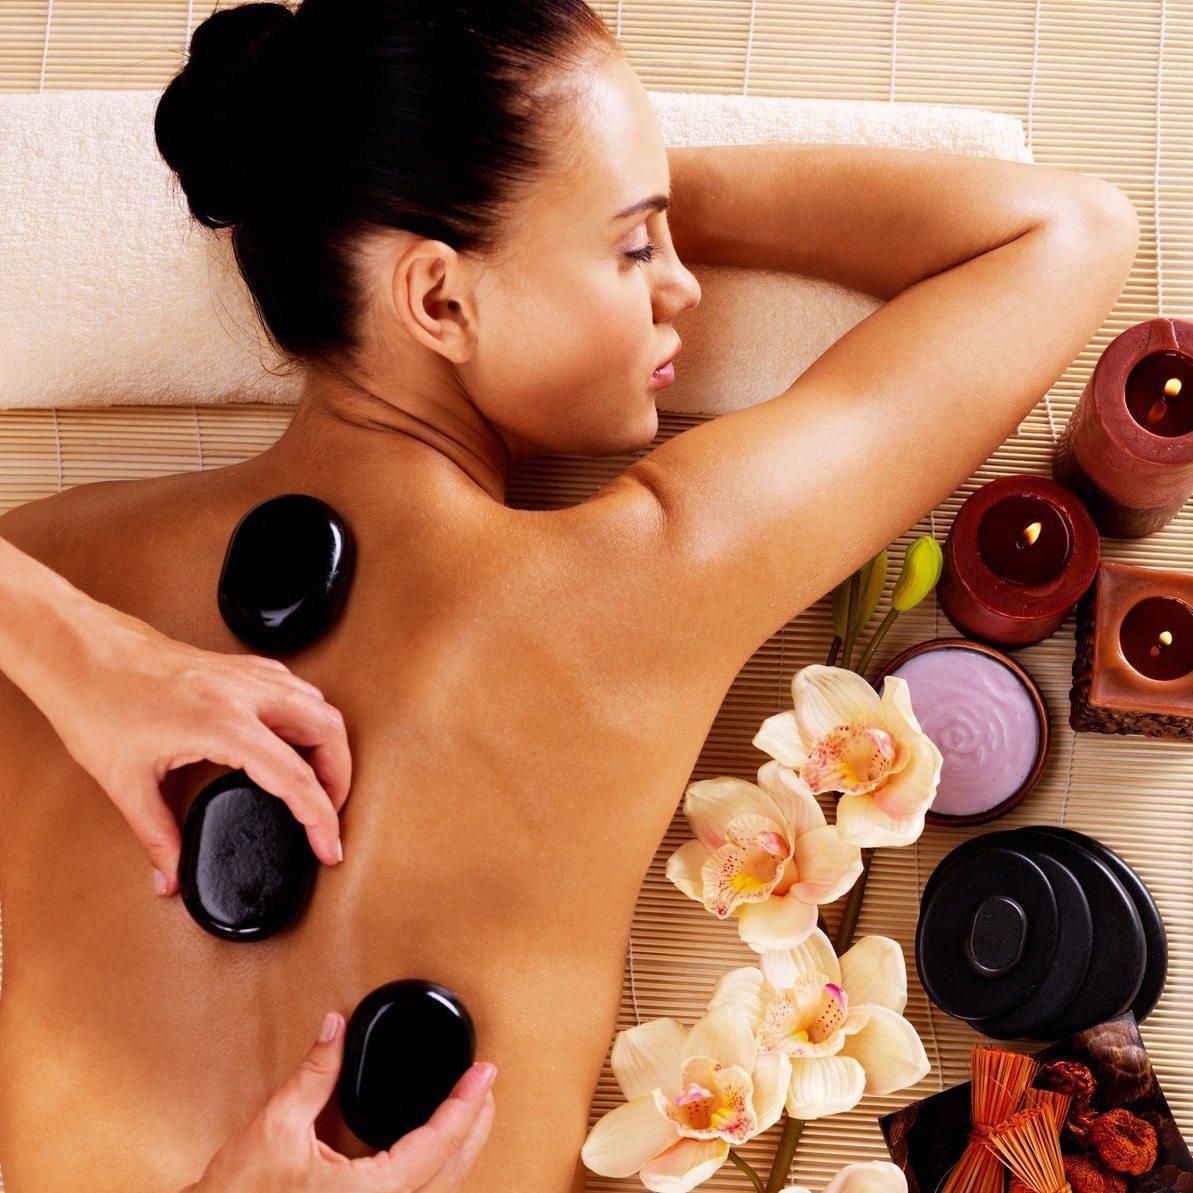 pornosex massage i linköping